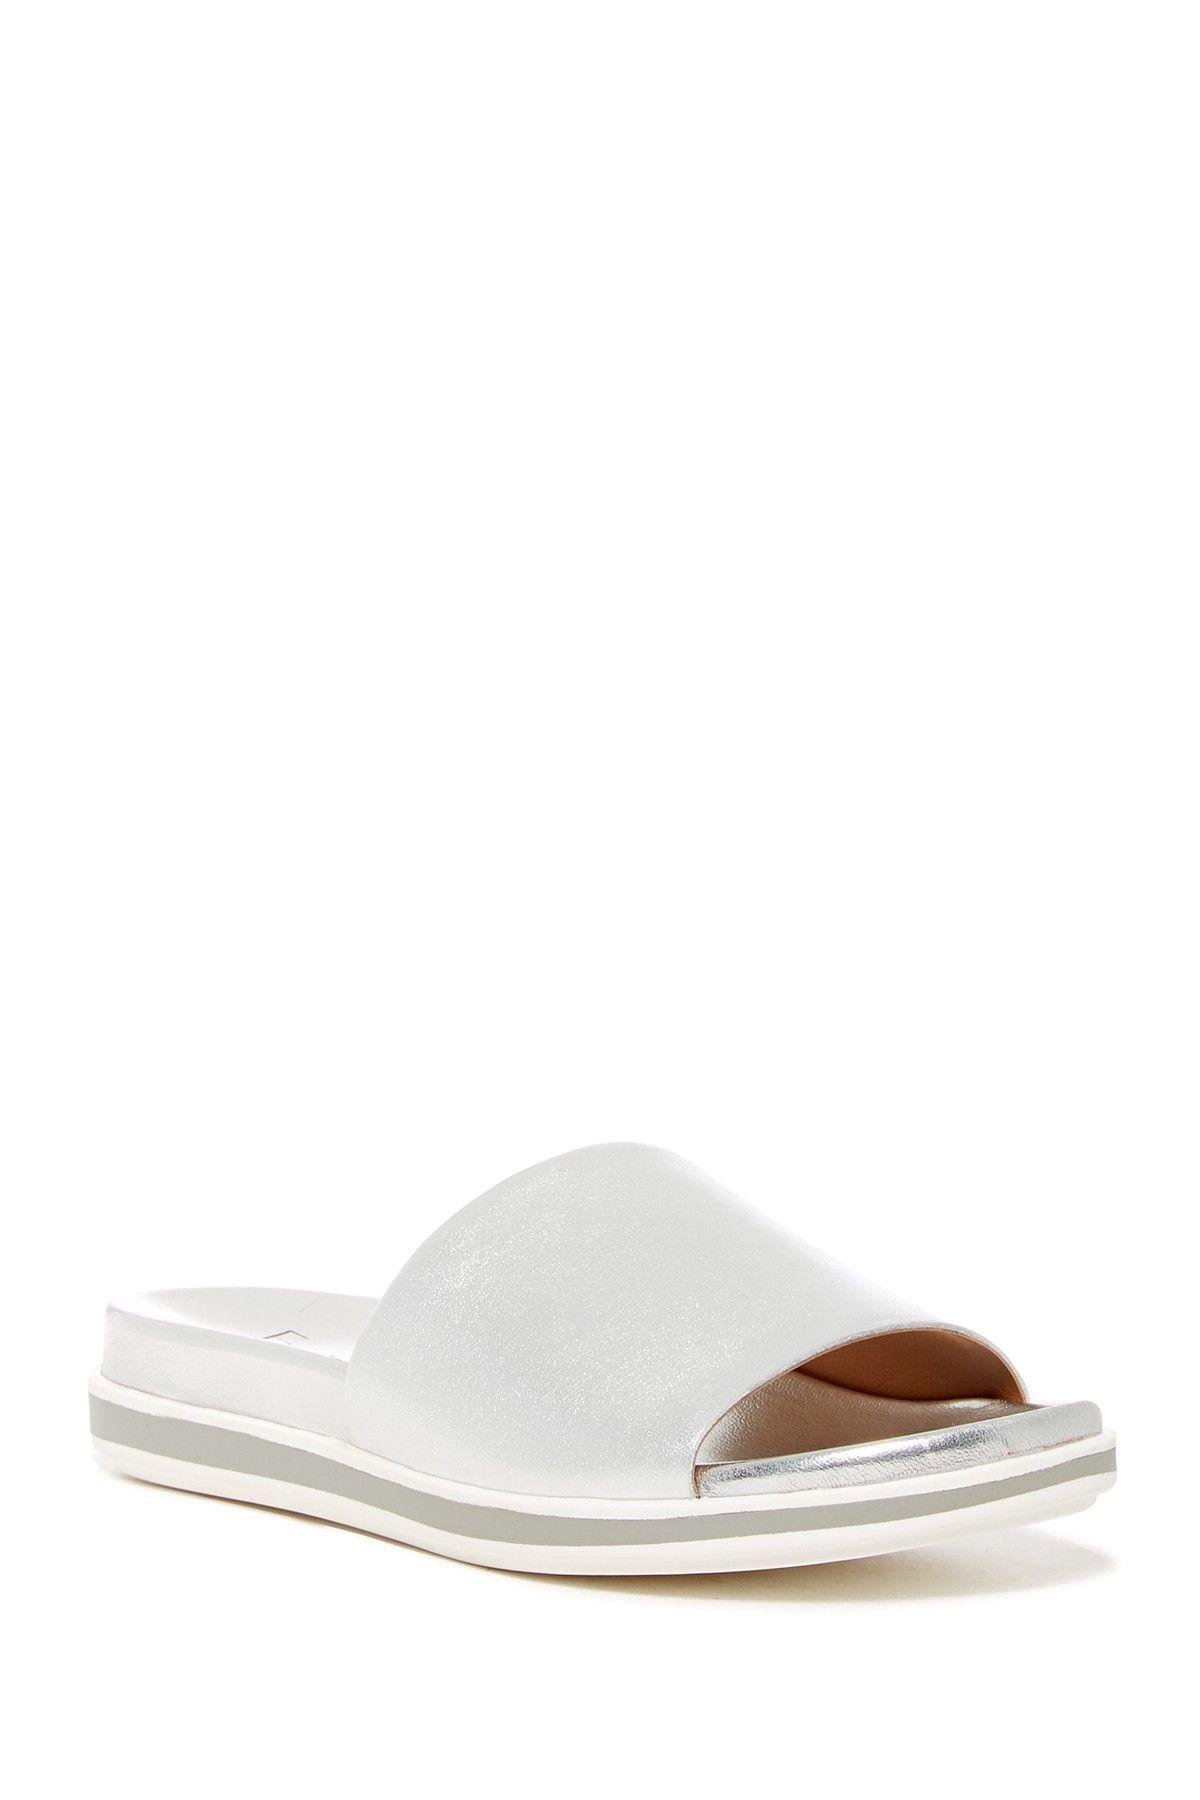 afe90c7495a Cameo Slide Sandal Slide Sandals